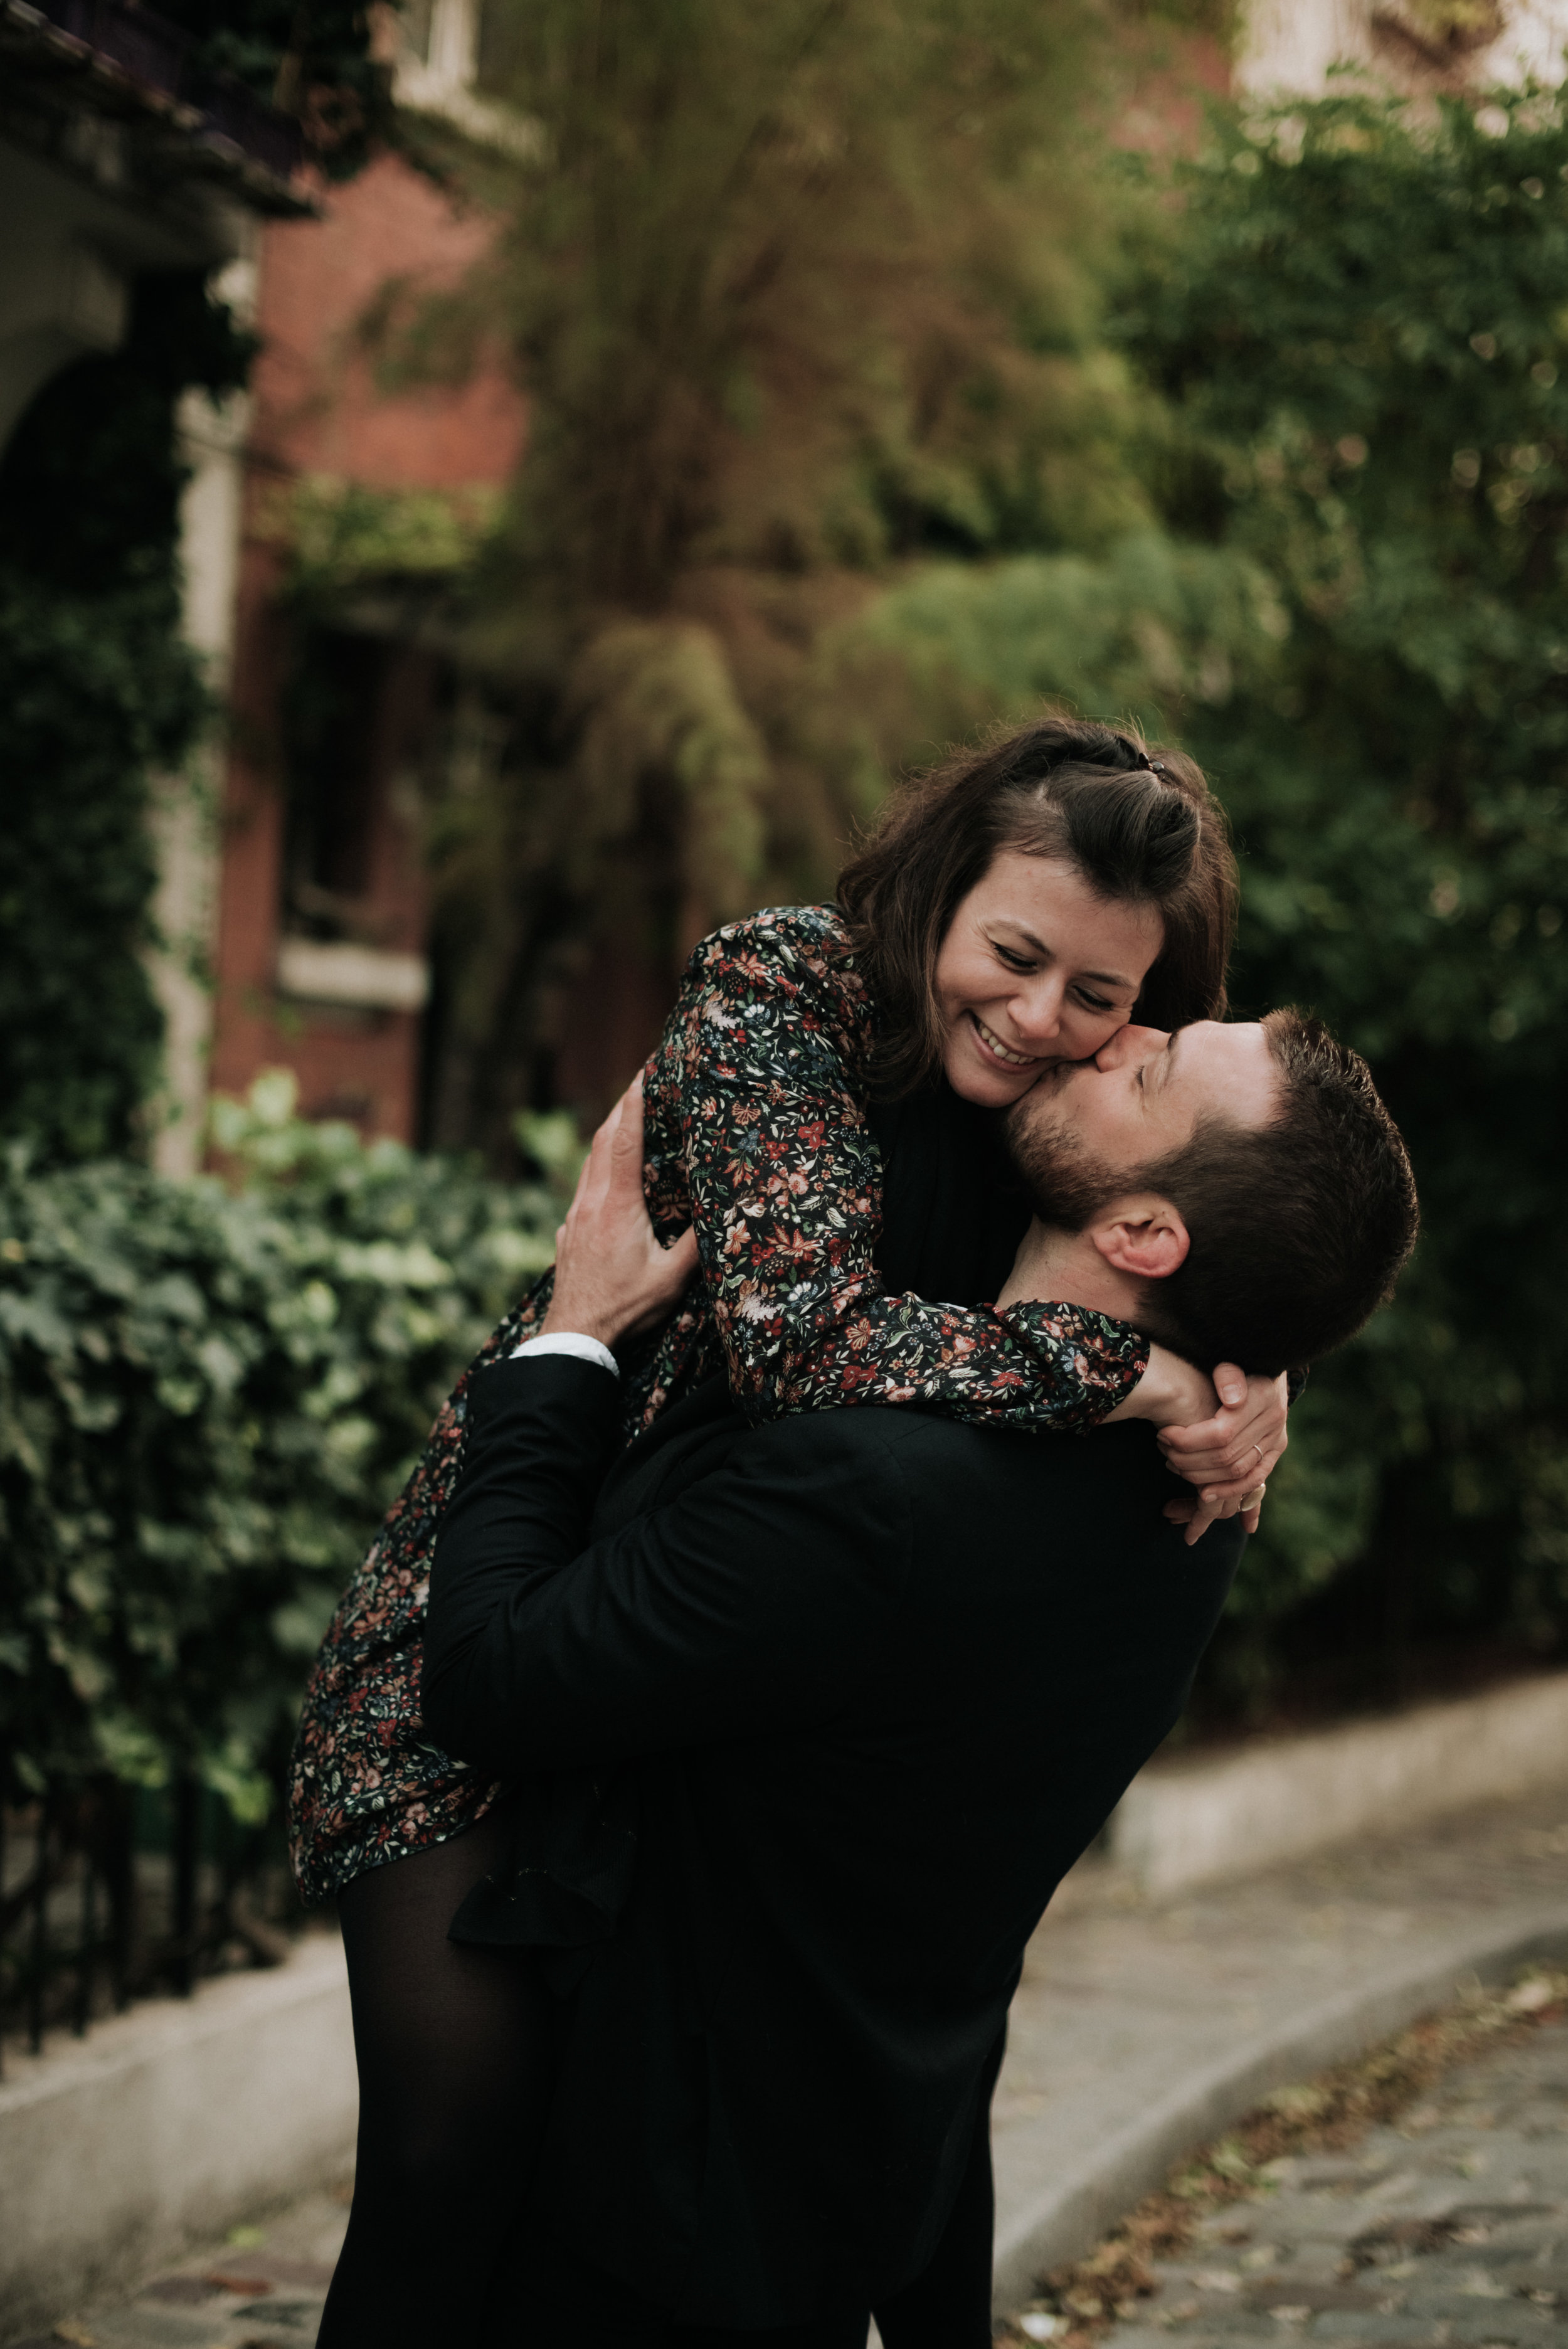 Léa-Fery-photographe-professionnel-lyon-rhone-alpes-portrait-creation-mariage-evenement-evenementiel-famille-5273.jpg